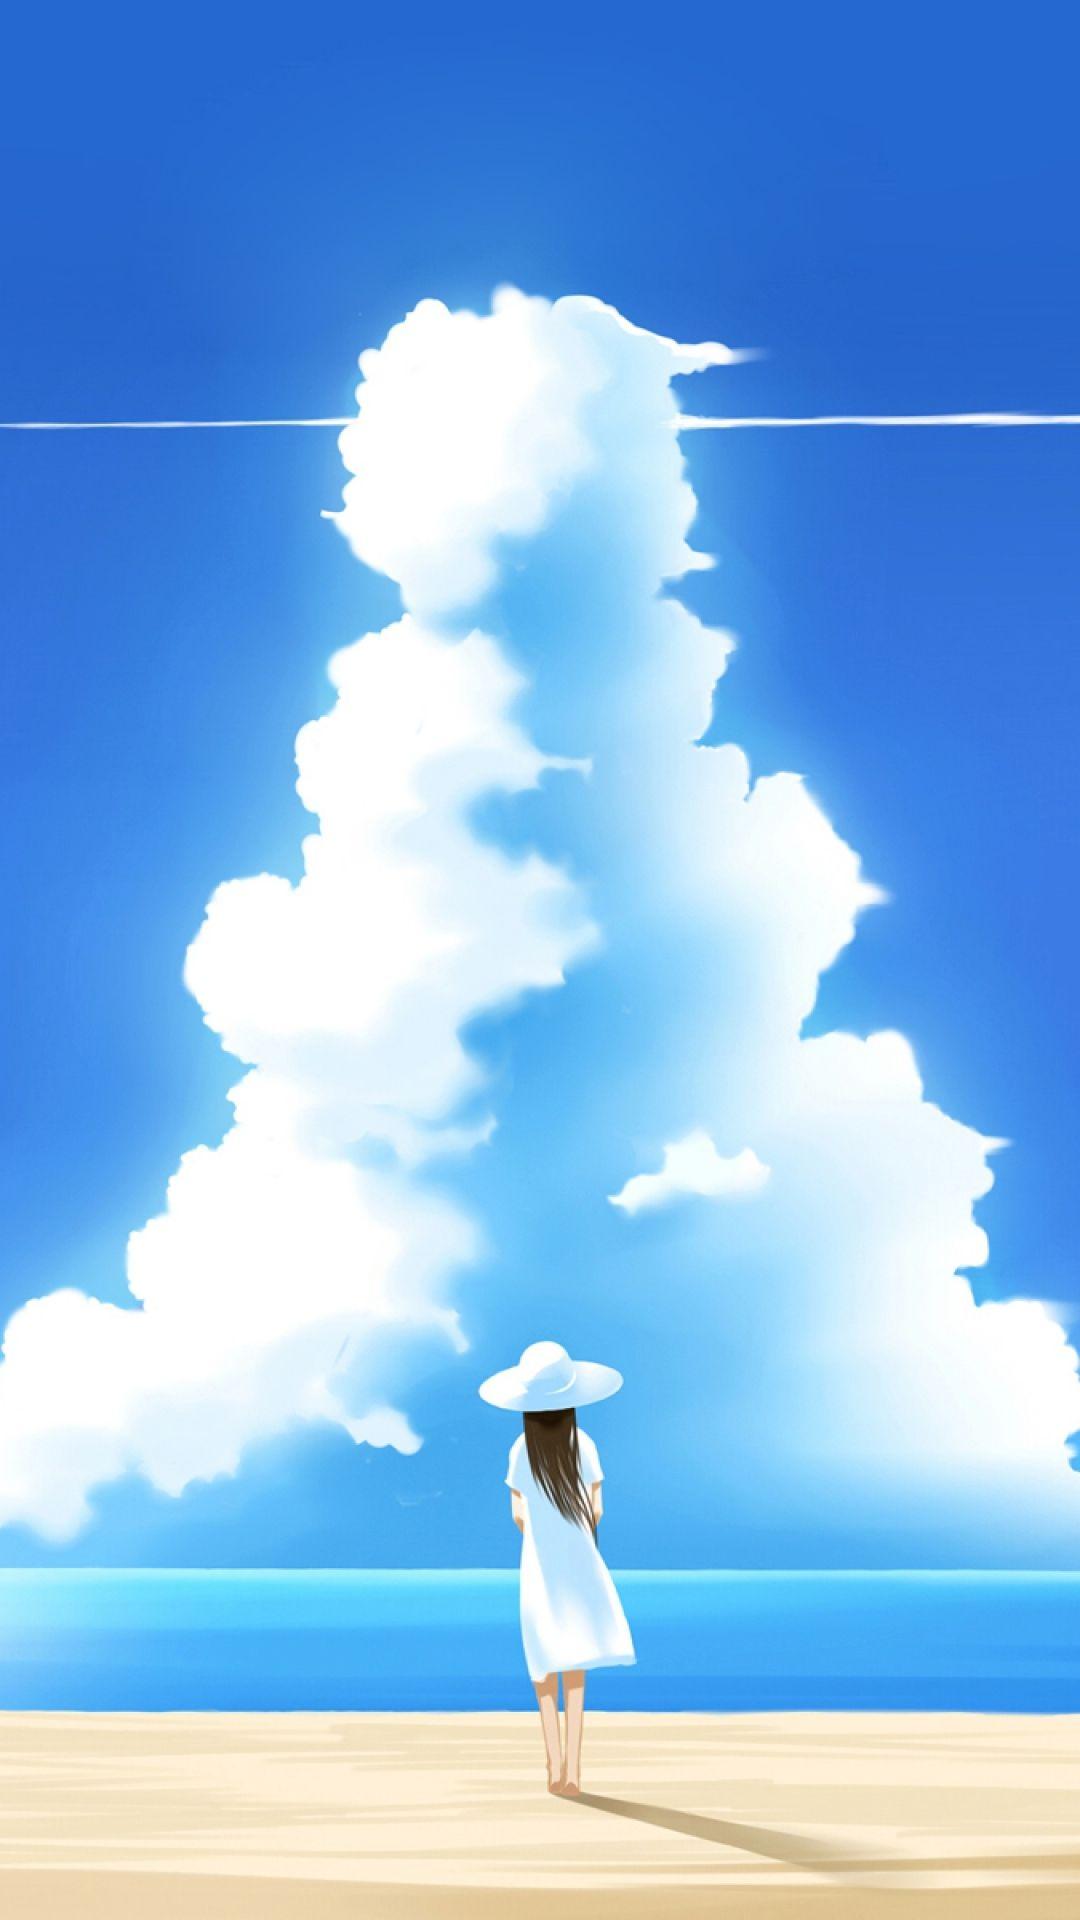 イラスト ビーチの女の子 Iphone11 スマホ壁紙 待受画像ギャラリー アニメの風景 イラスト ノスタルジック 画像